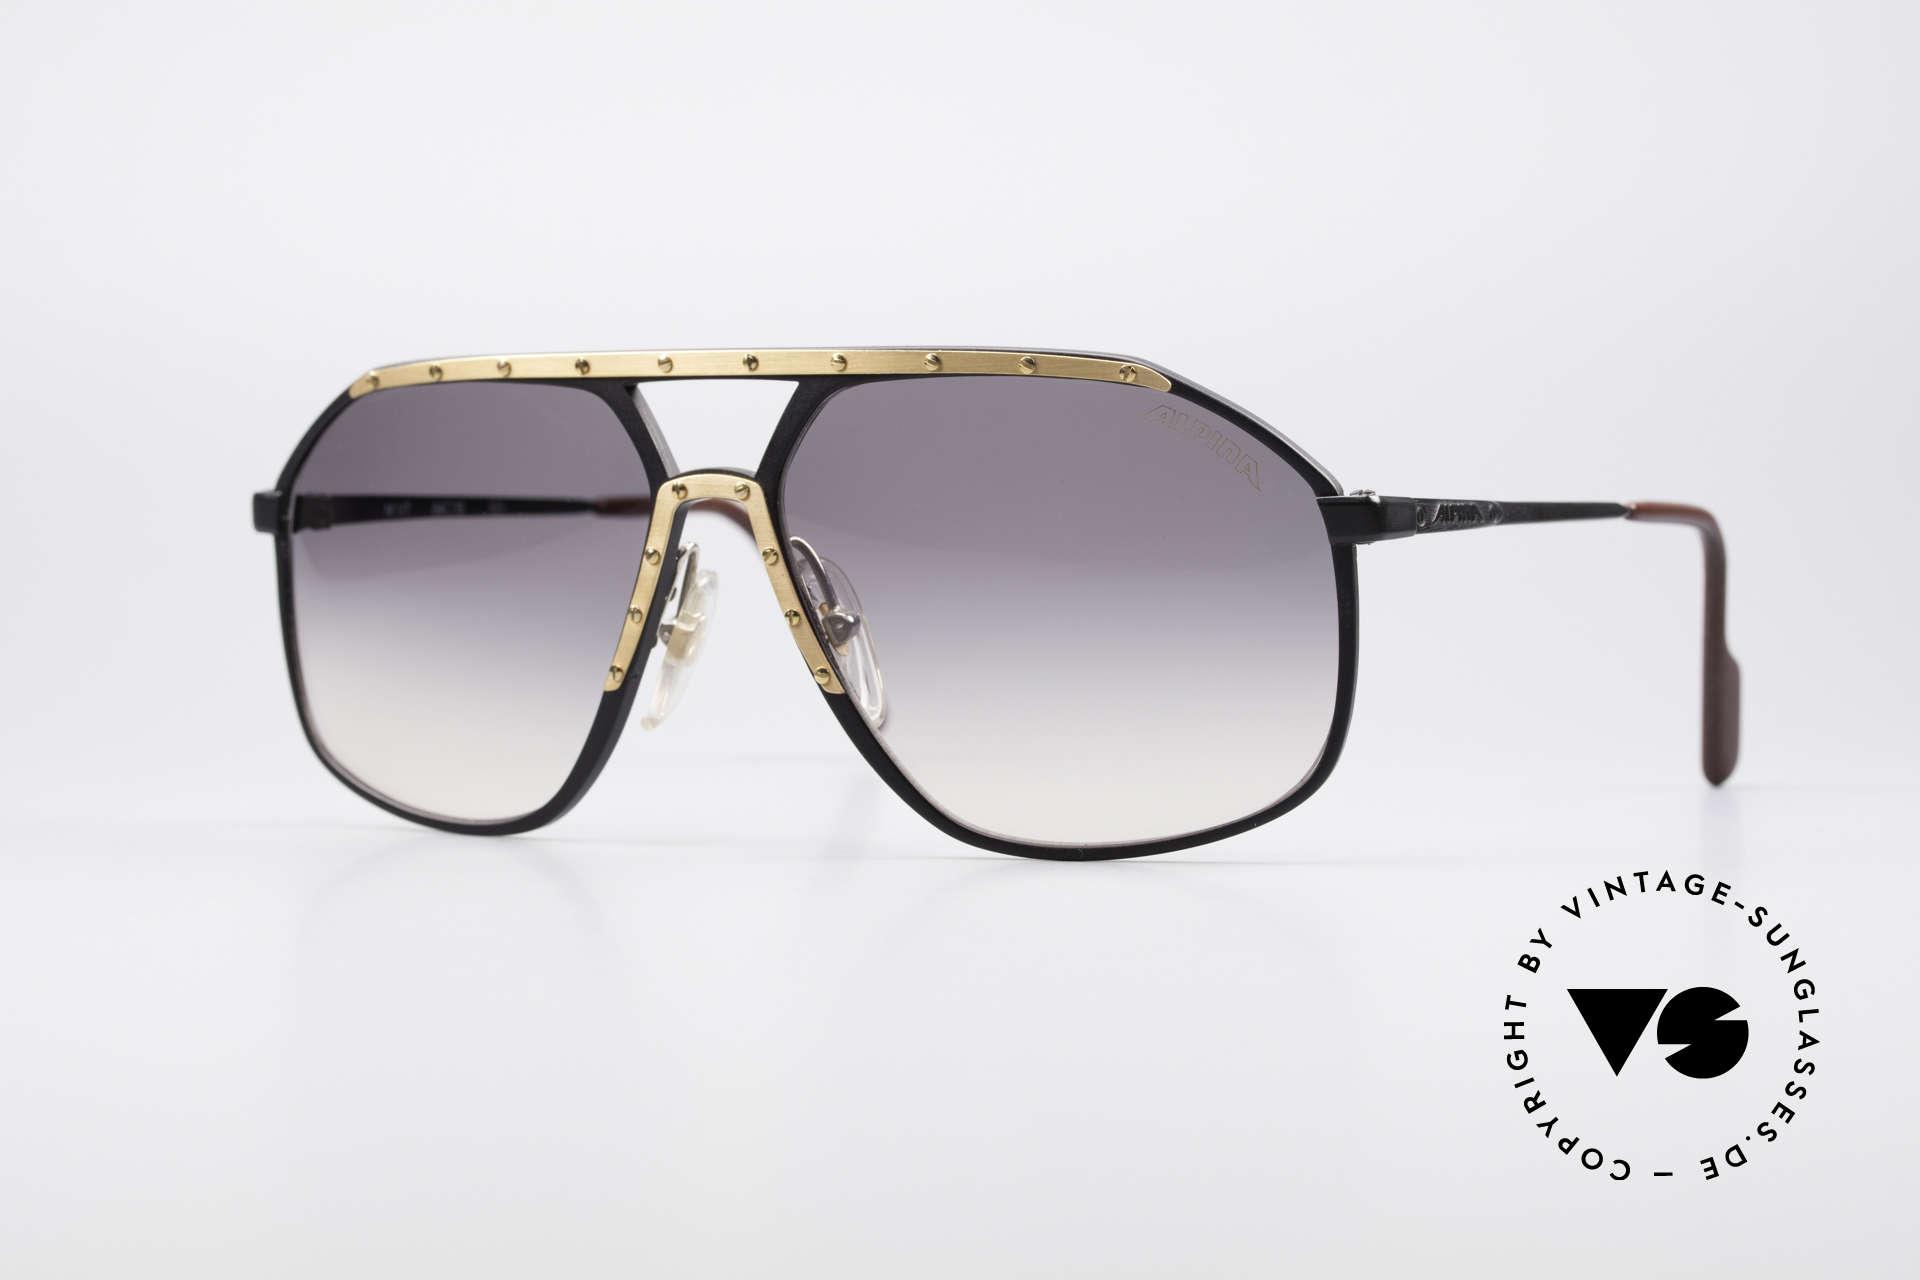 Alpina M1/7 Echte Vintage Sonnenbrille, legendäre Alpina M1/7 vintage Designer-Sonnenbrille, Passend für Herren